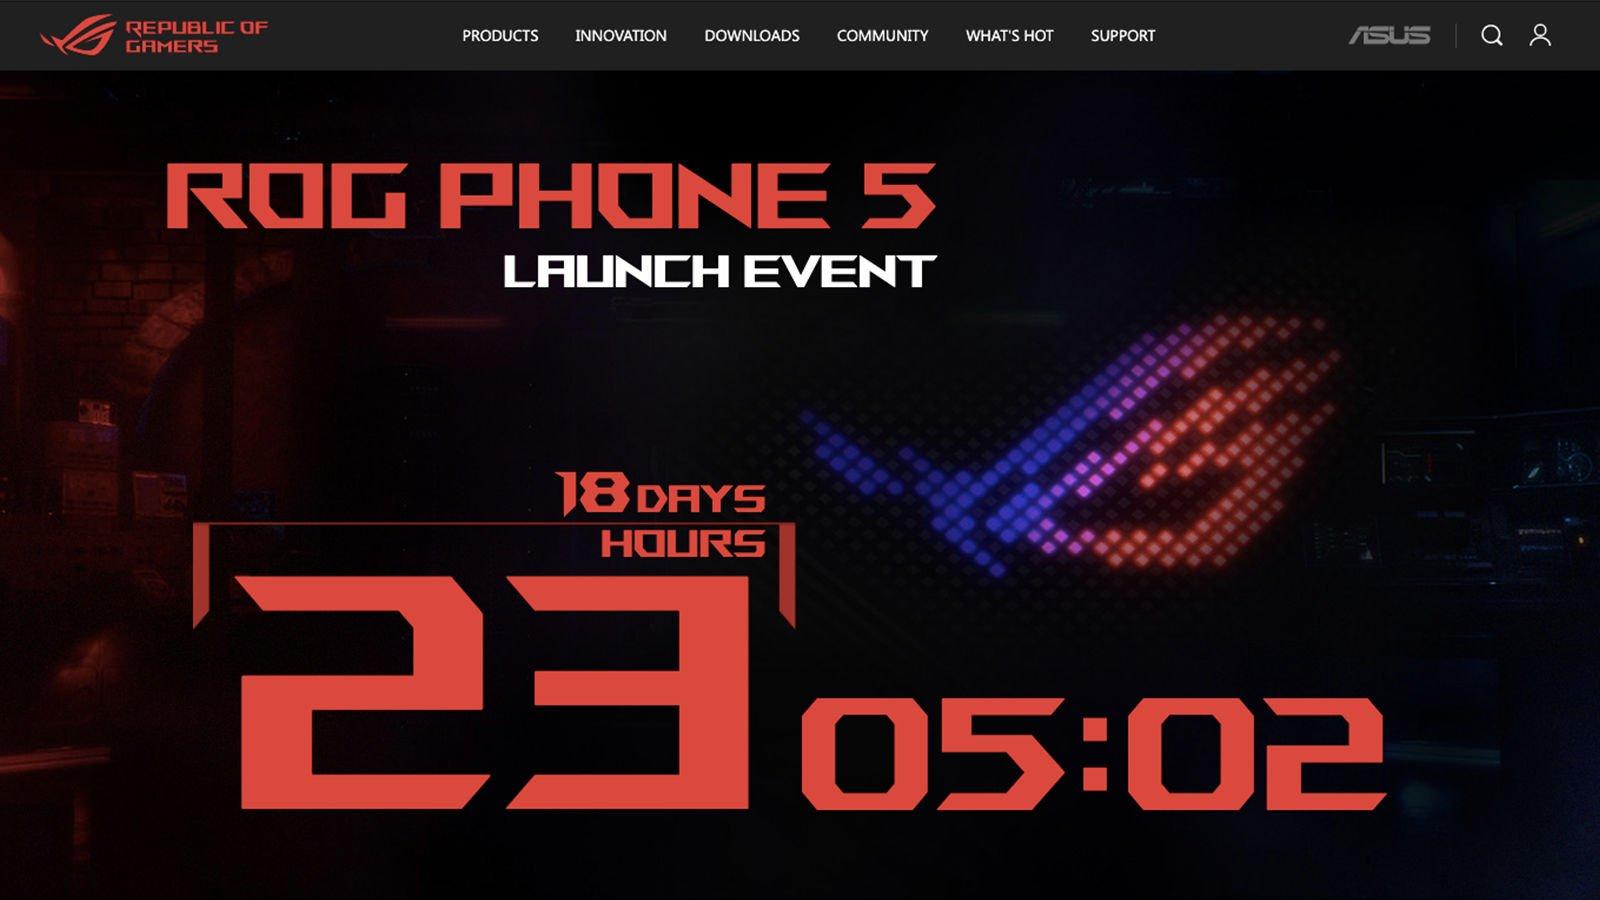 Asus ROG Phone 5 microsite screenshot